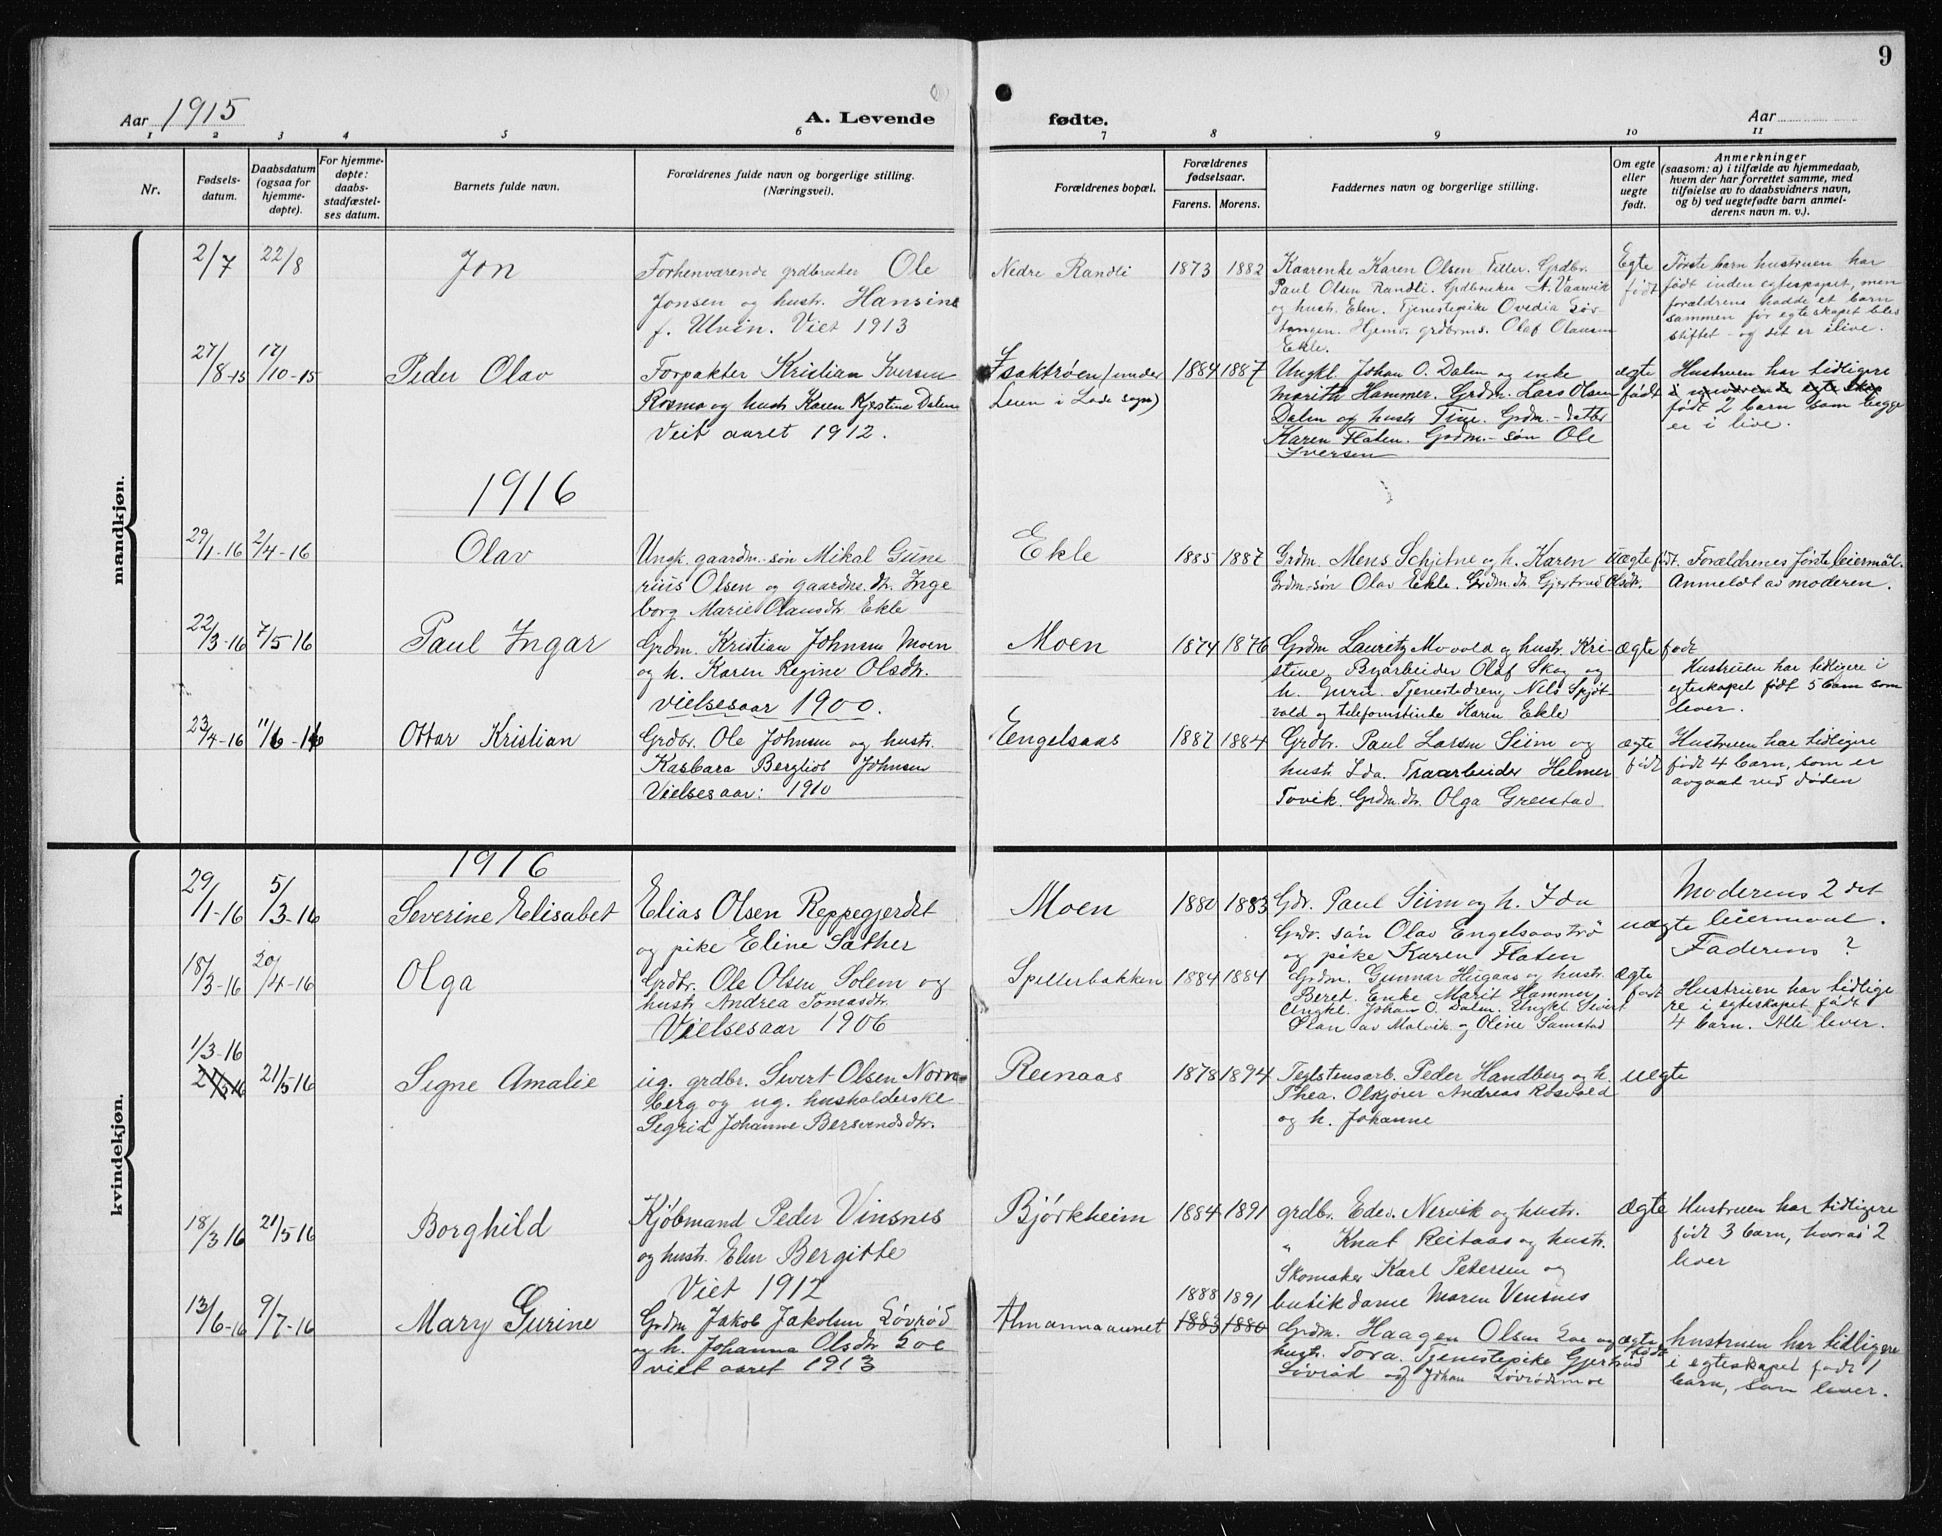 SAT, Ministerialprotokoller, klokkerbøker og fødselsregistre - Sør-Trøndelag, 608/L0342: Klokkerbok nr. 608C08, 1912-1938, s. 9